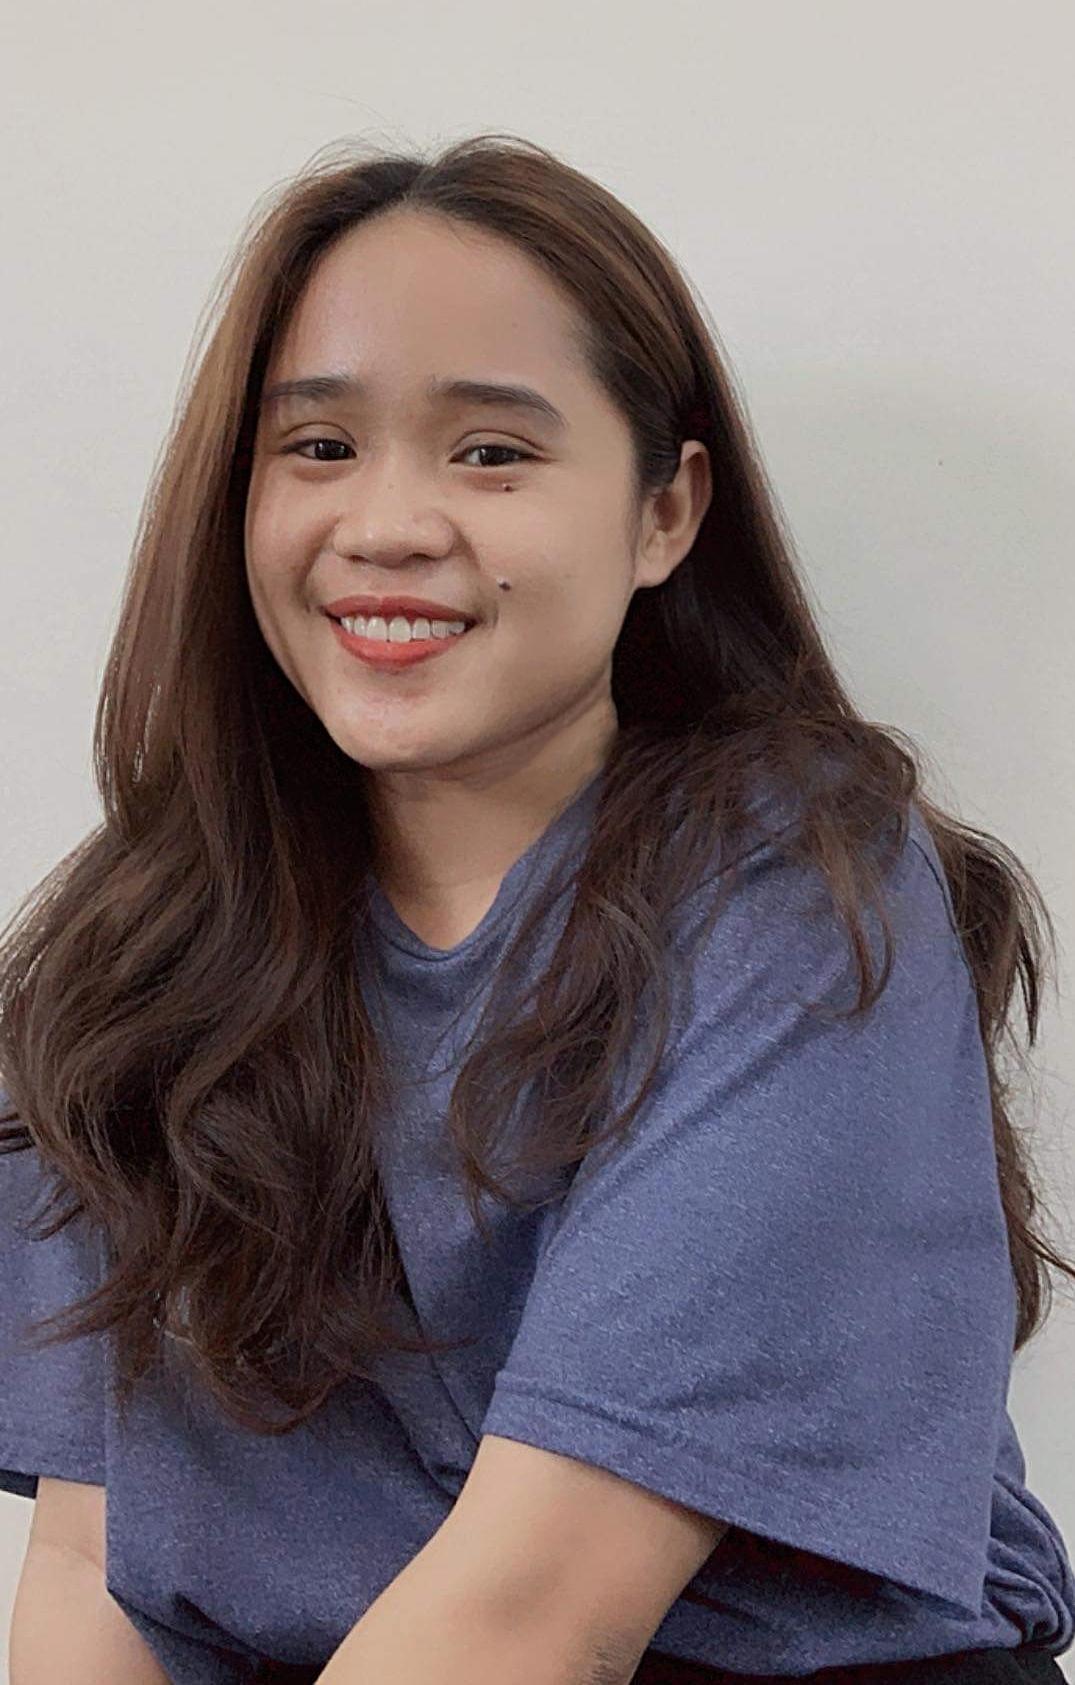 Thái Thị Thanh Nga (sinh viên năm thứ 3, chuyên ngành Thương mại điện tử, tại trường Đại học Kinh tế TP HCM)